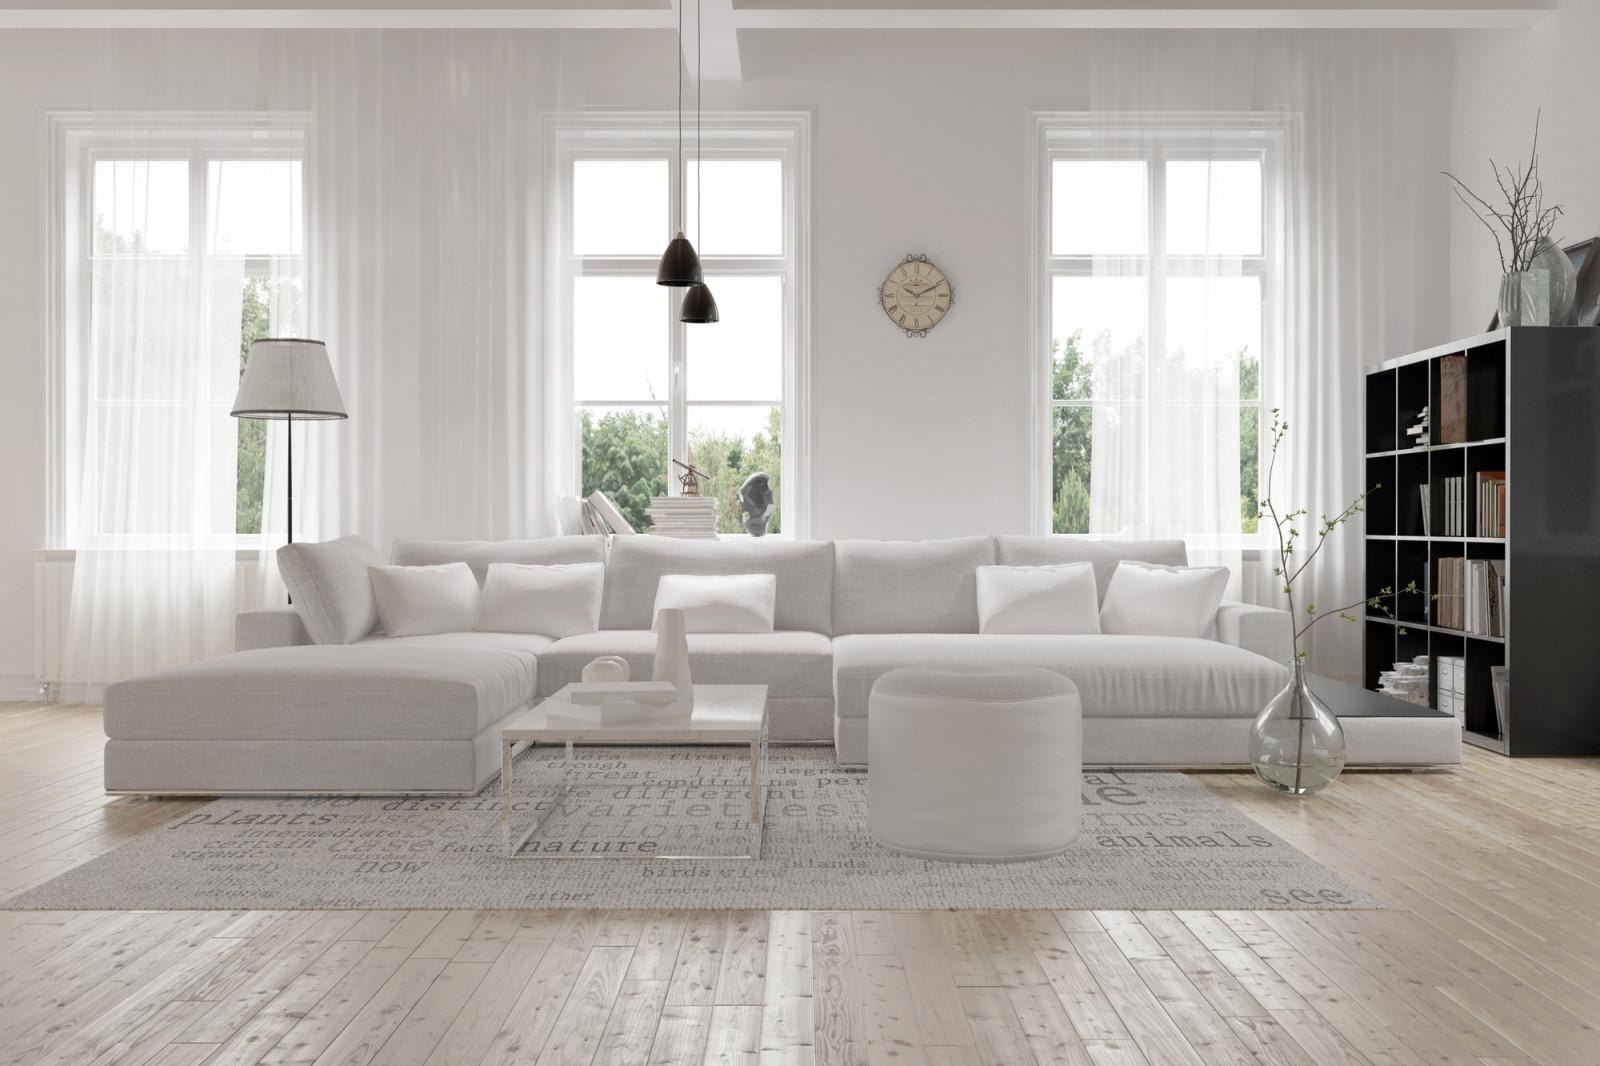 Große Räume Einrichten Und Gestalten – So Geht's  Heimhelden von Großes Wohnzimmer Einrichten Ideen Photo